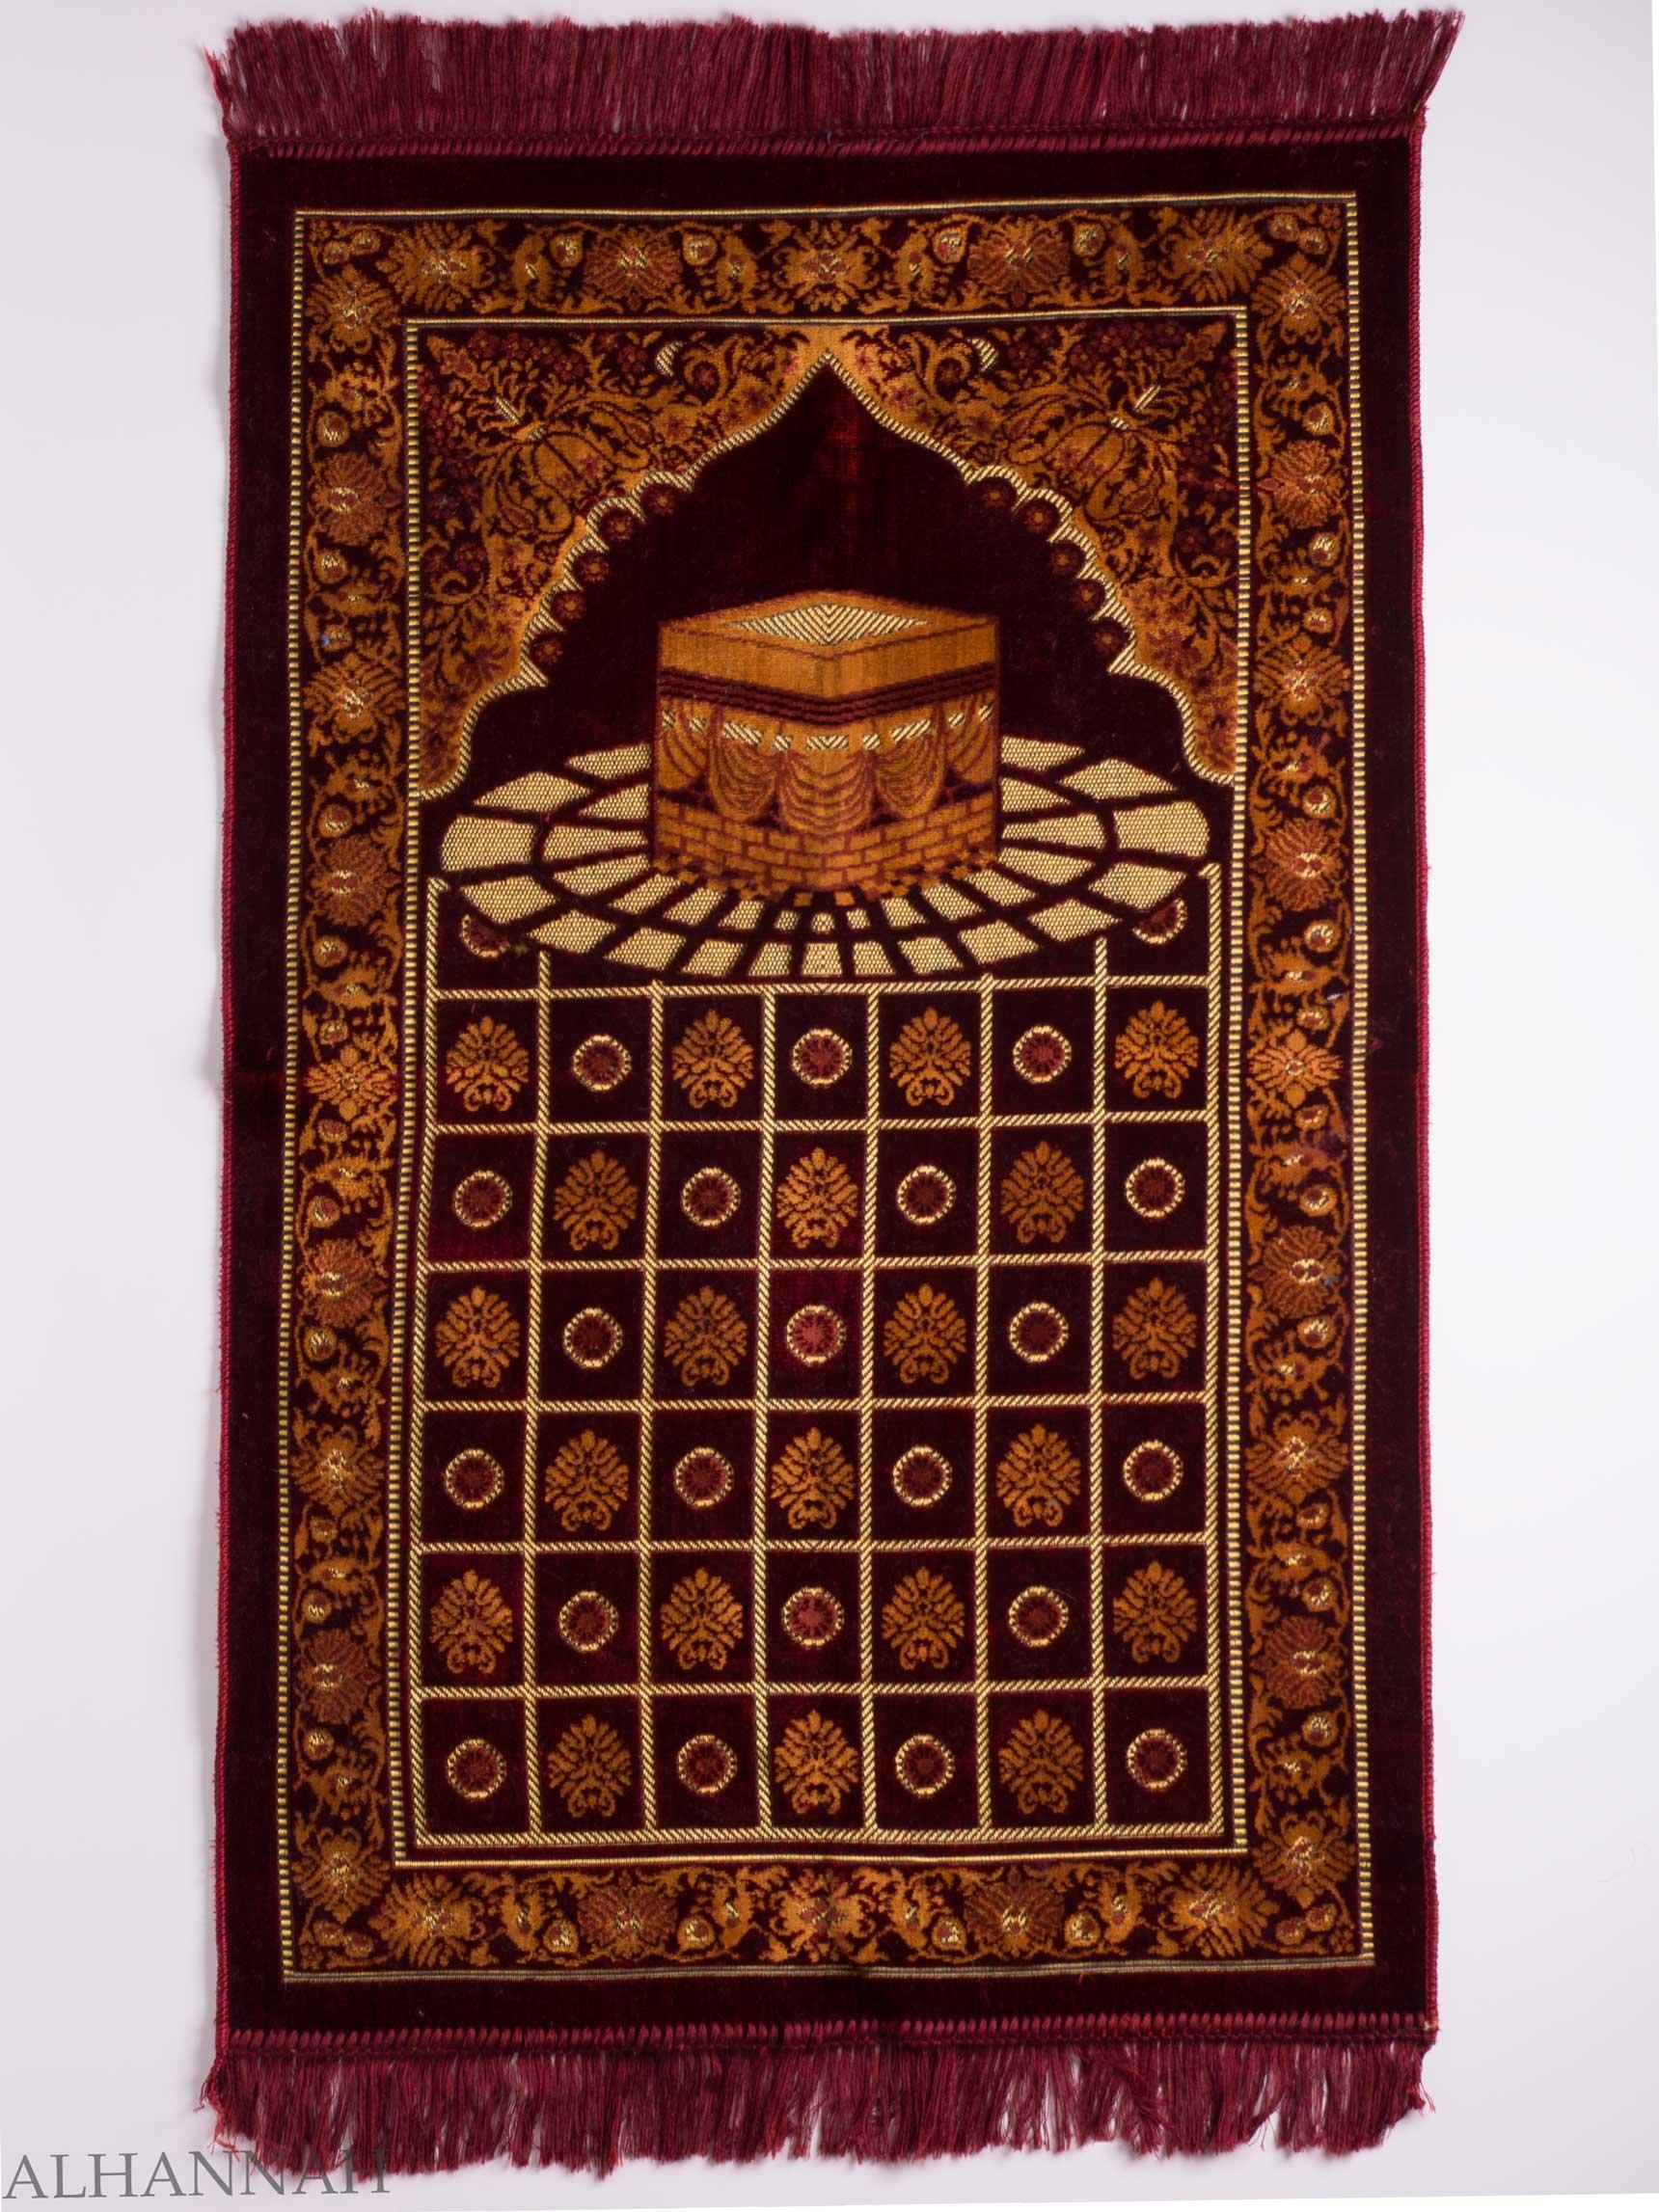 Turkish Prayer Rug Checkered Arched Kaaba Motif ii1133